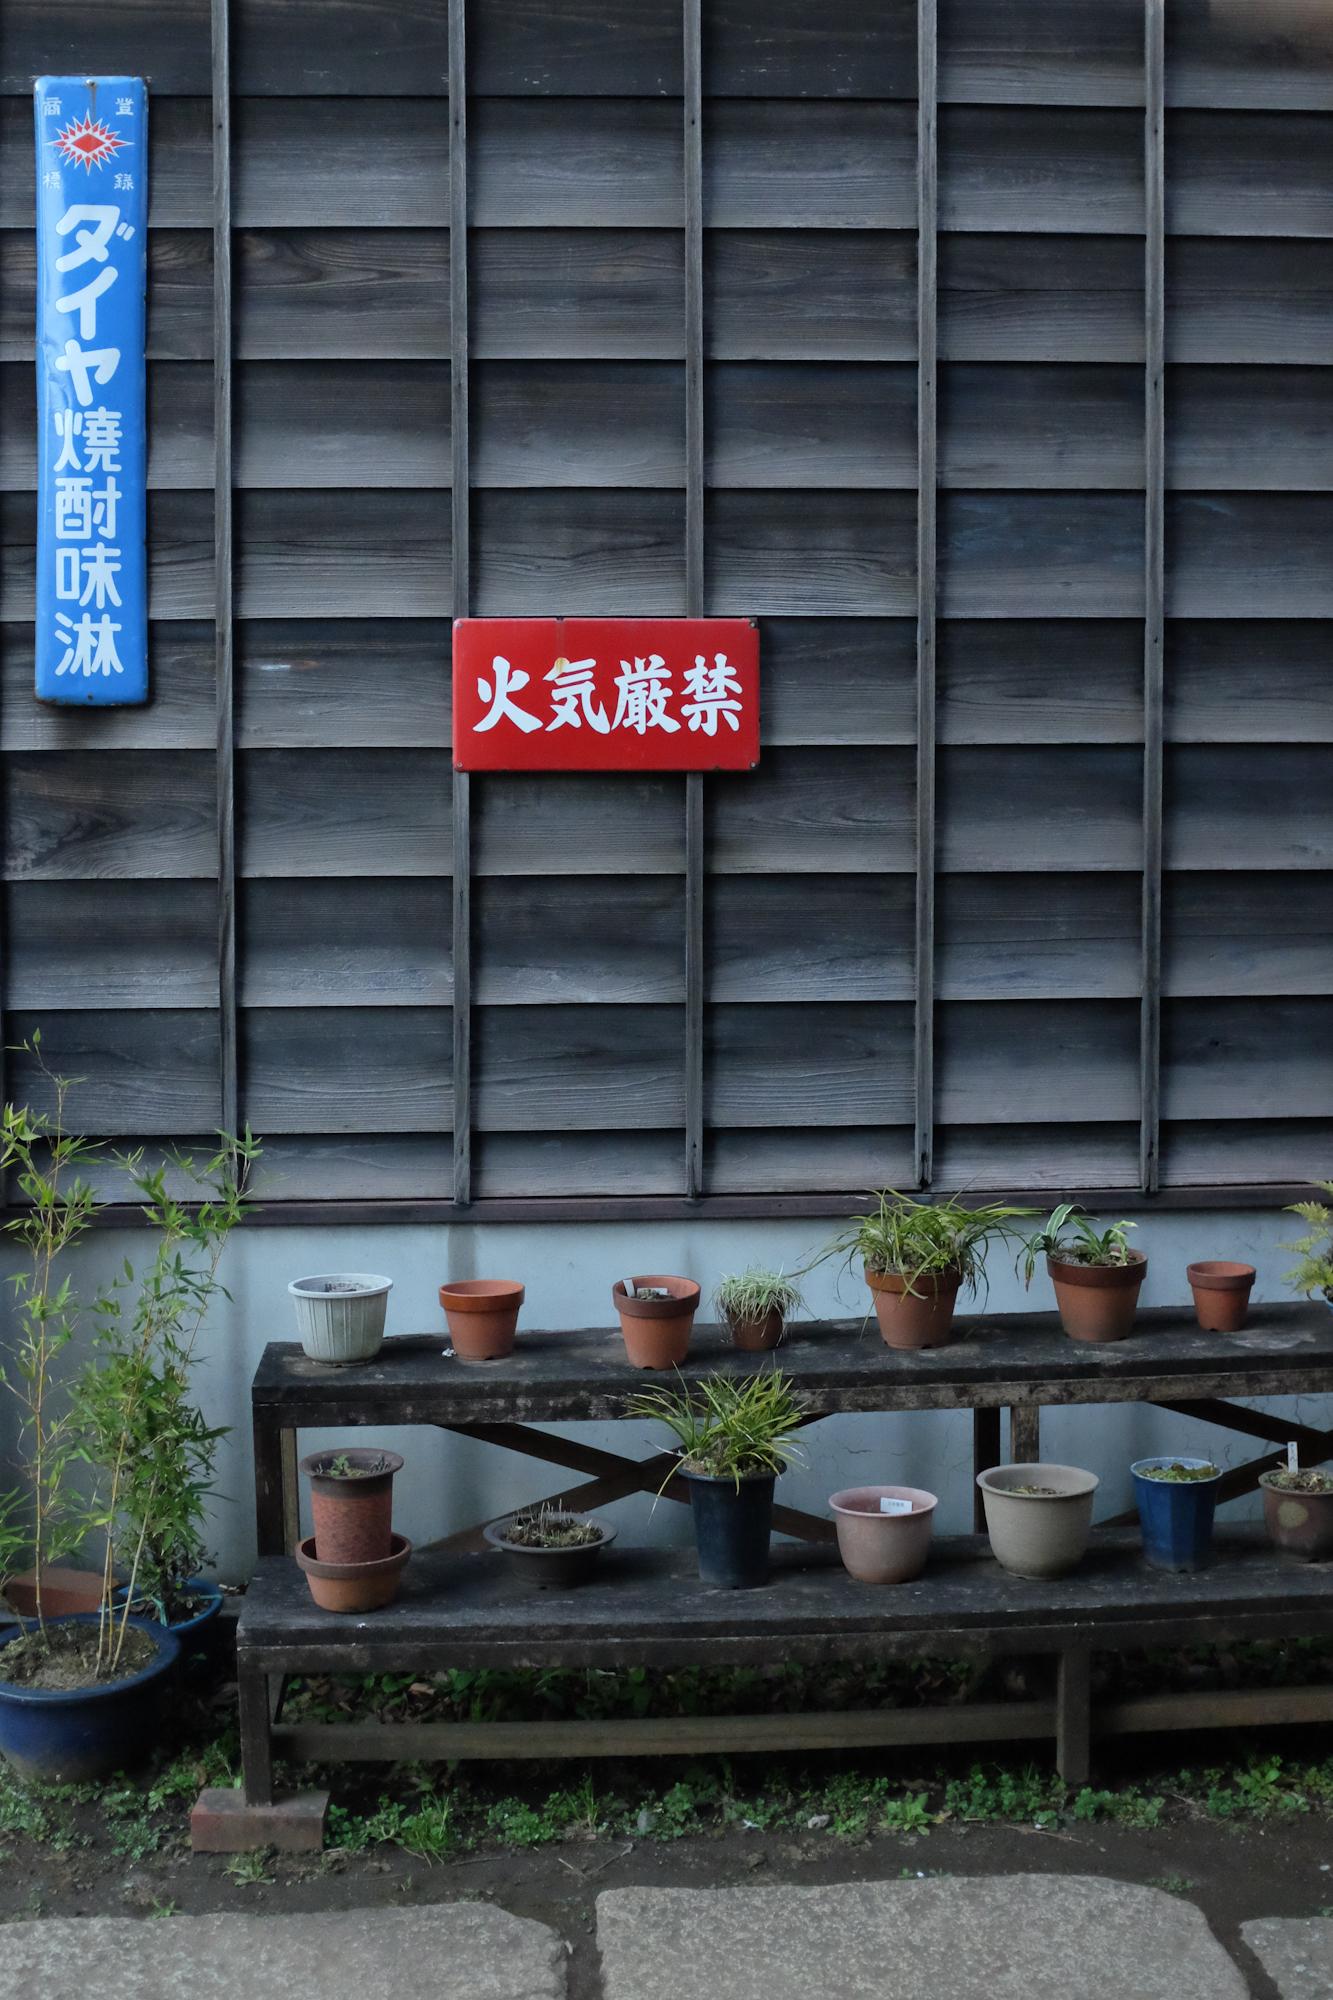 Tokyostreetgardens-1317.jpg